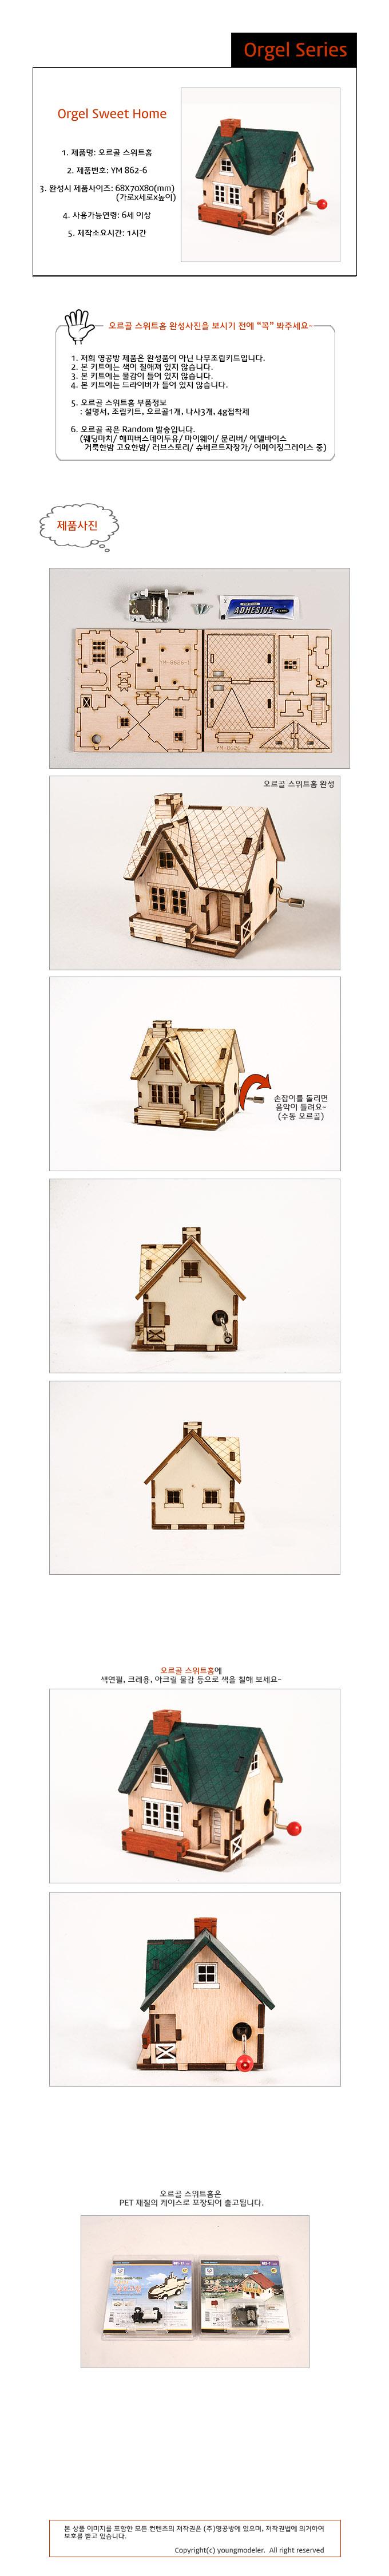 나무만들기시리즈- 오르골 스위트홈 - 영공방, 10,000원, 조각/퍼즐, 우드퍼즐